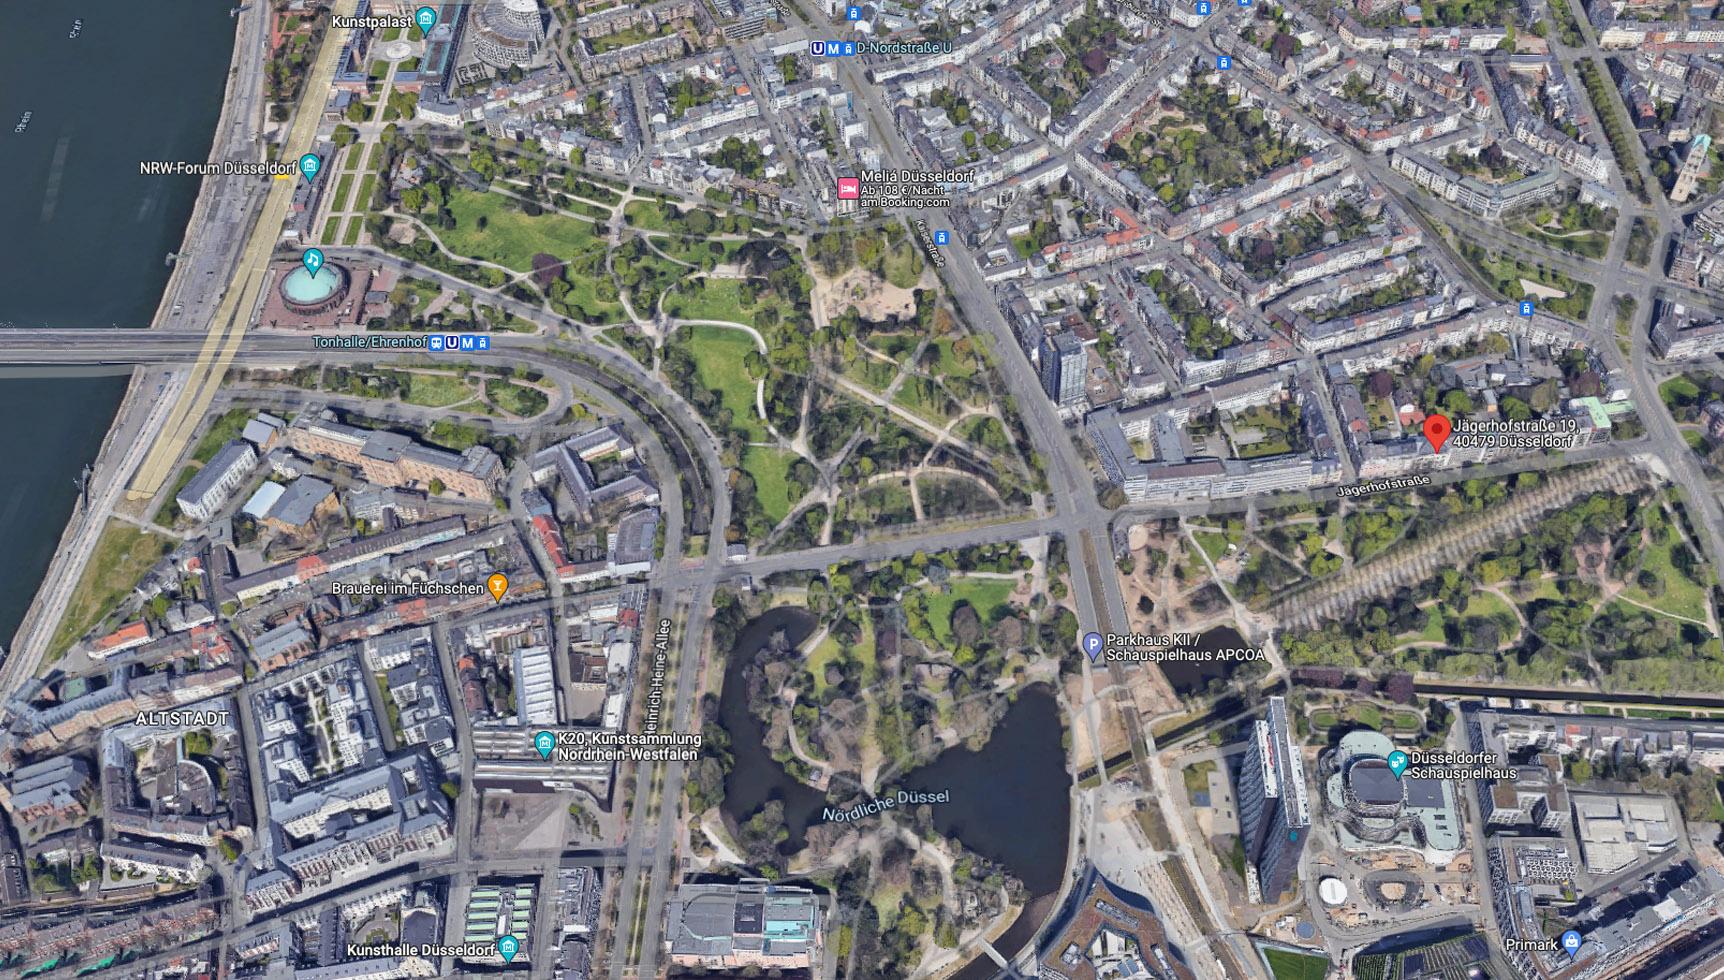 G.I.C. Standort Stadtplan